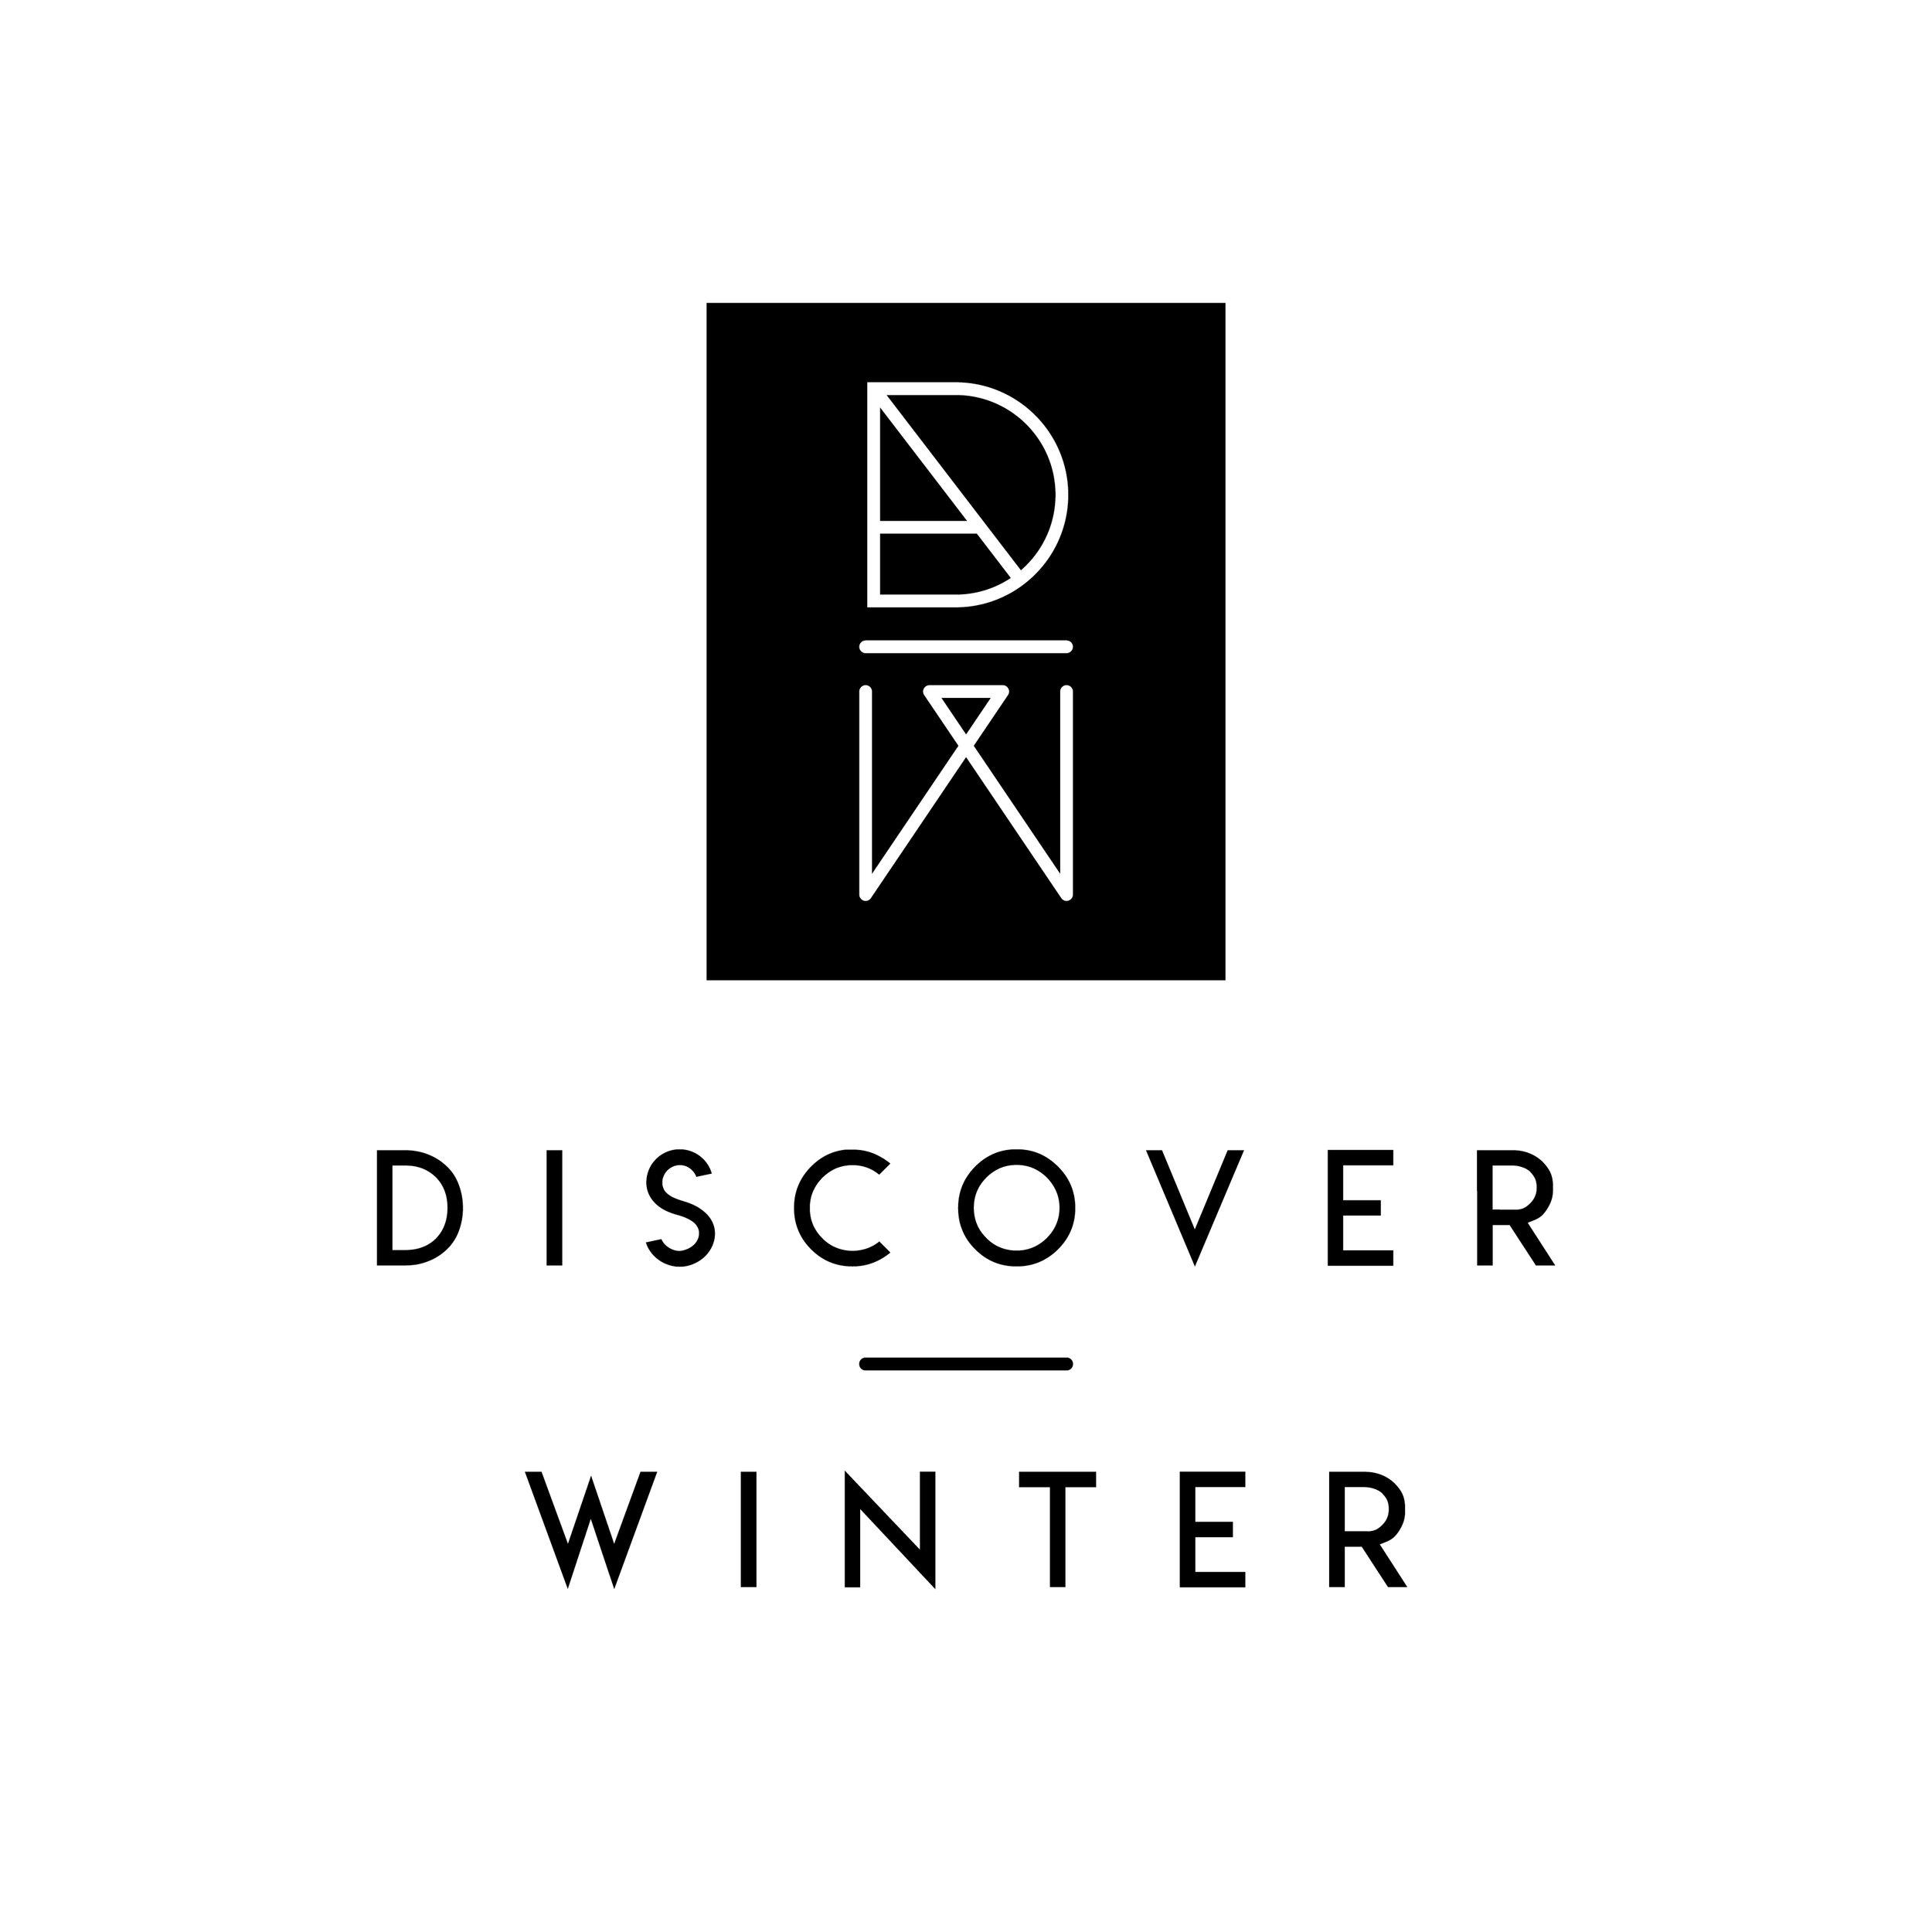 Discover Winter Logo Design